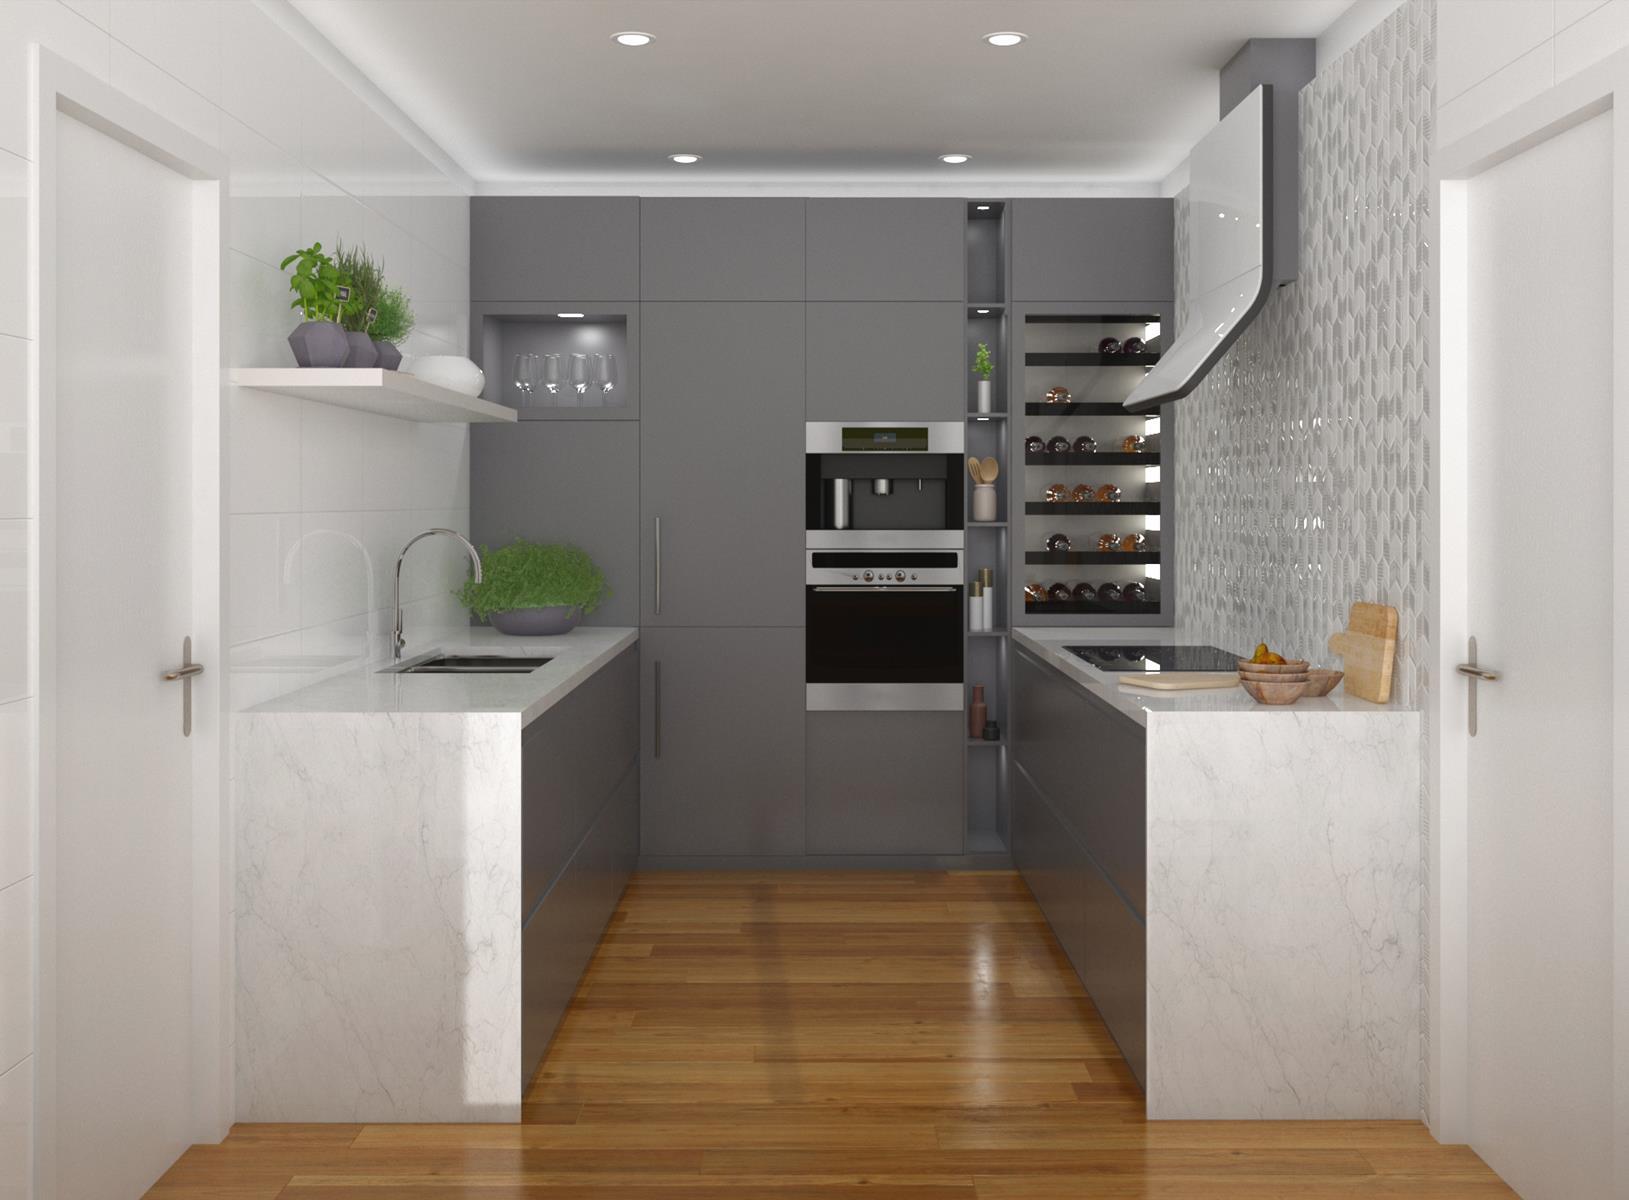 render-interactivo-proyecto-de-arquitectura-de-reforma-de-casa-para-promocion-inmobiliaria